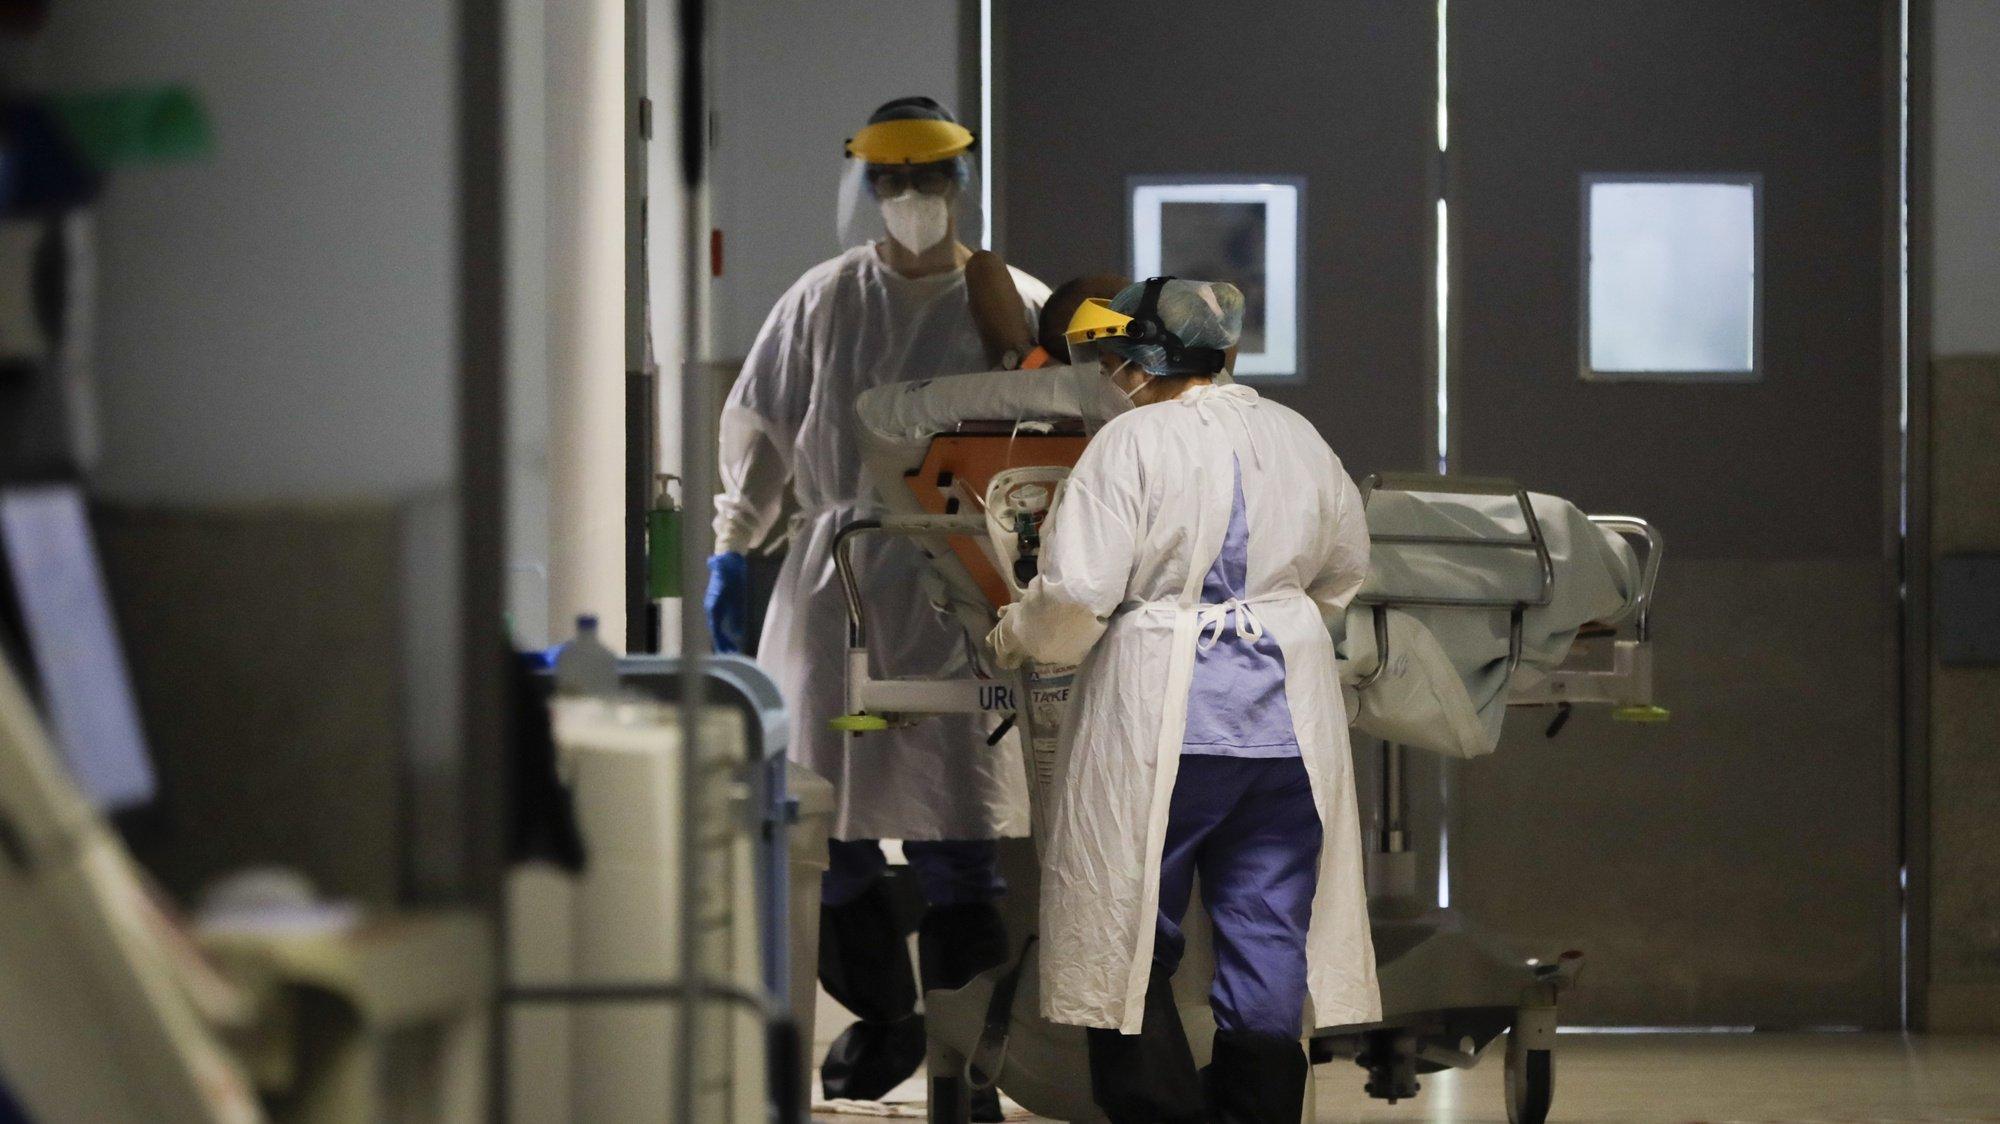 Profissionais de saúde levam um paciente internado na urgência do Hospital Geral dos Covões transformado numa unidade dedicada a doentes covid-19, onde funciona a Urgência, Cuidados Intensivos e Enfermaria de Cuidados Intermédios , 22 maio 2020 em Coimbra. (ACOMPANHA TEXTO DO DIA 25 MAIO 2020).   PAULO CUNHA /LUSA